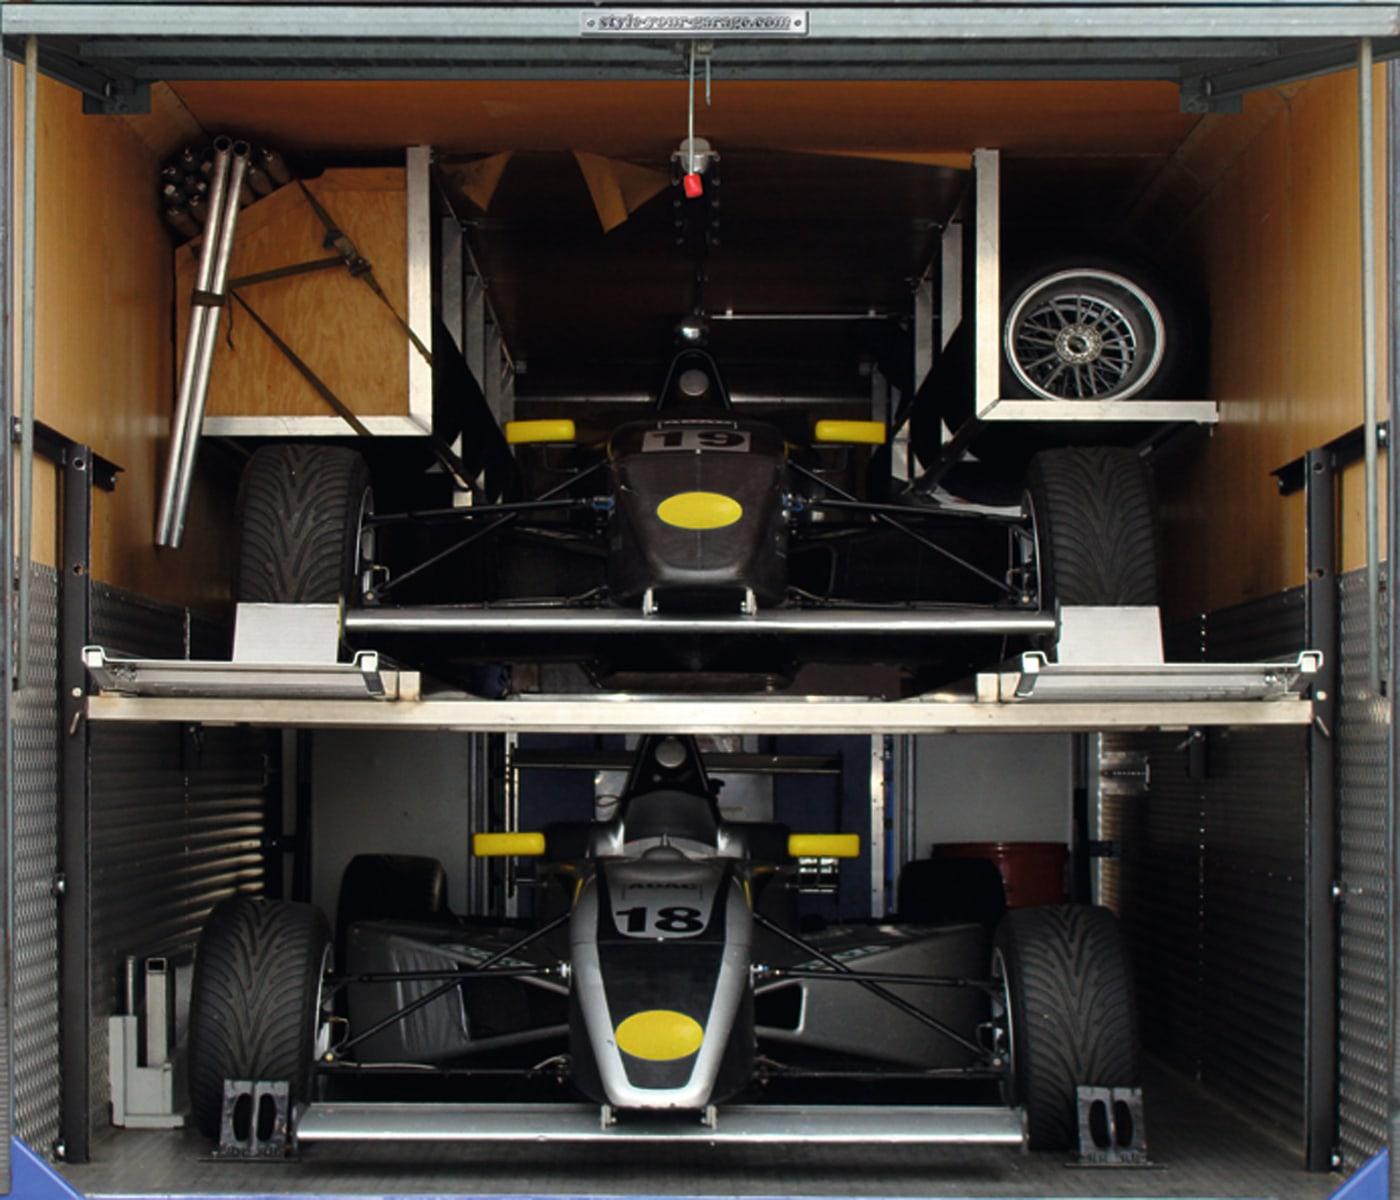 garage doors gone wild. Black Bedroom Furniture Sets. Home Design Ideas